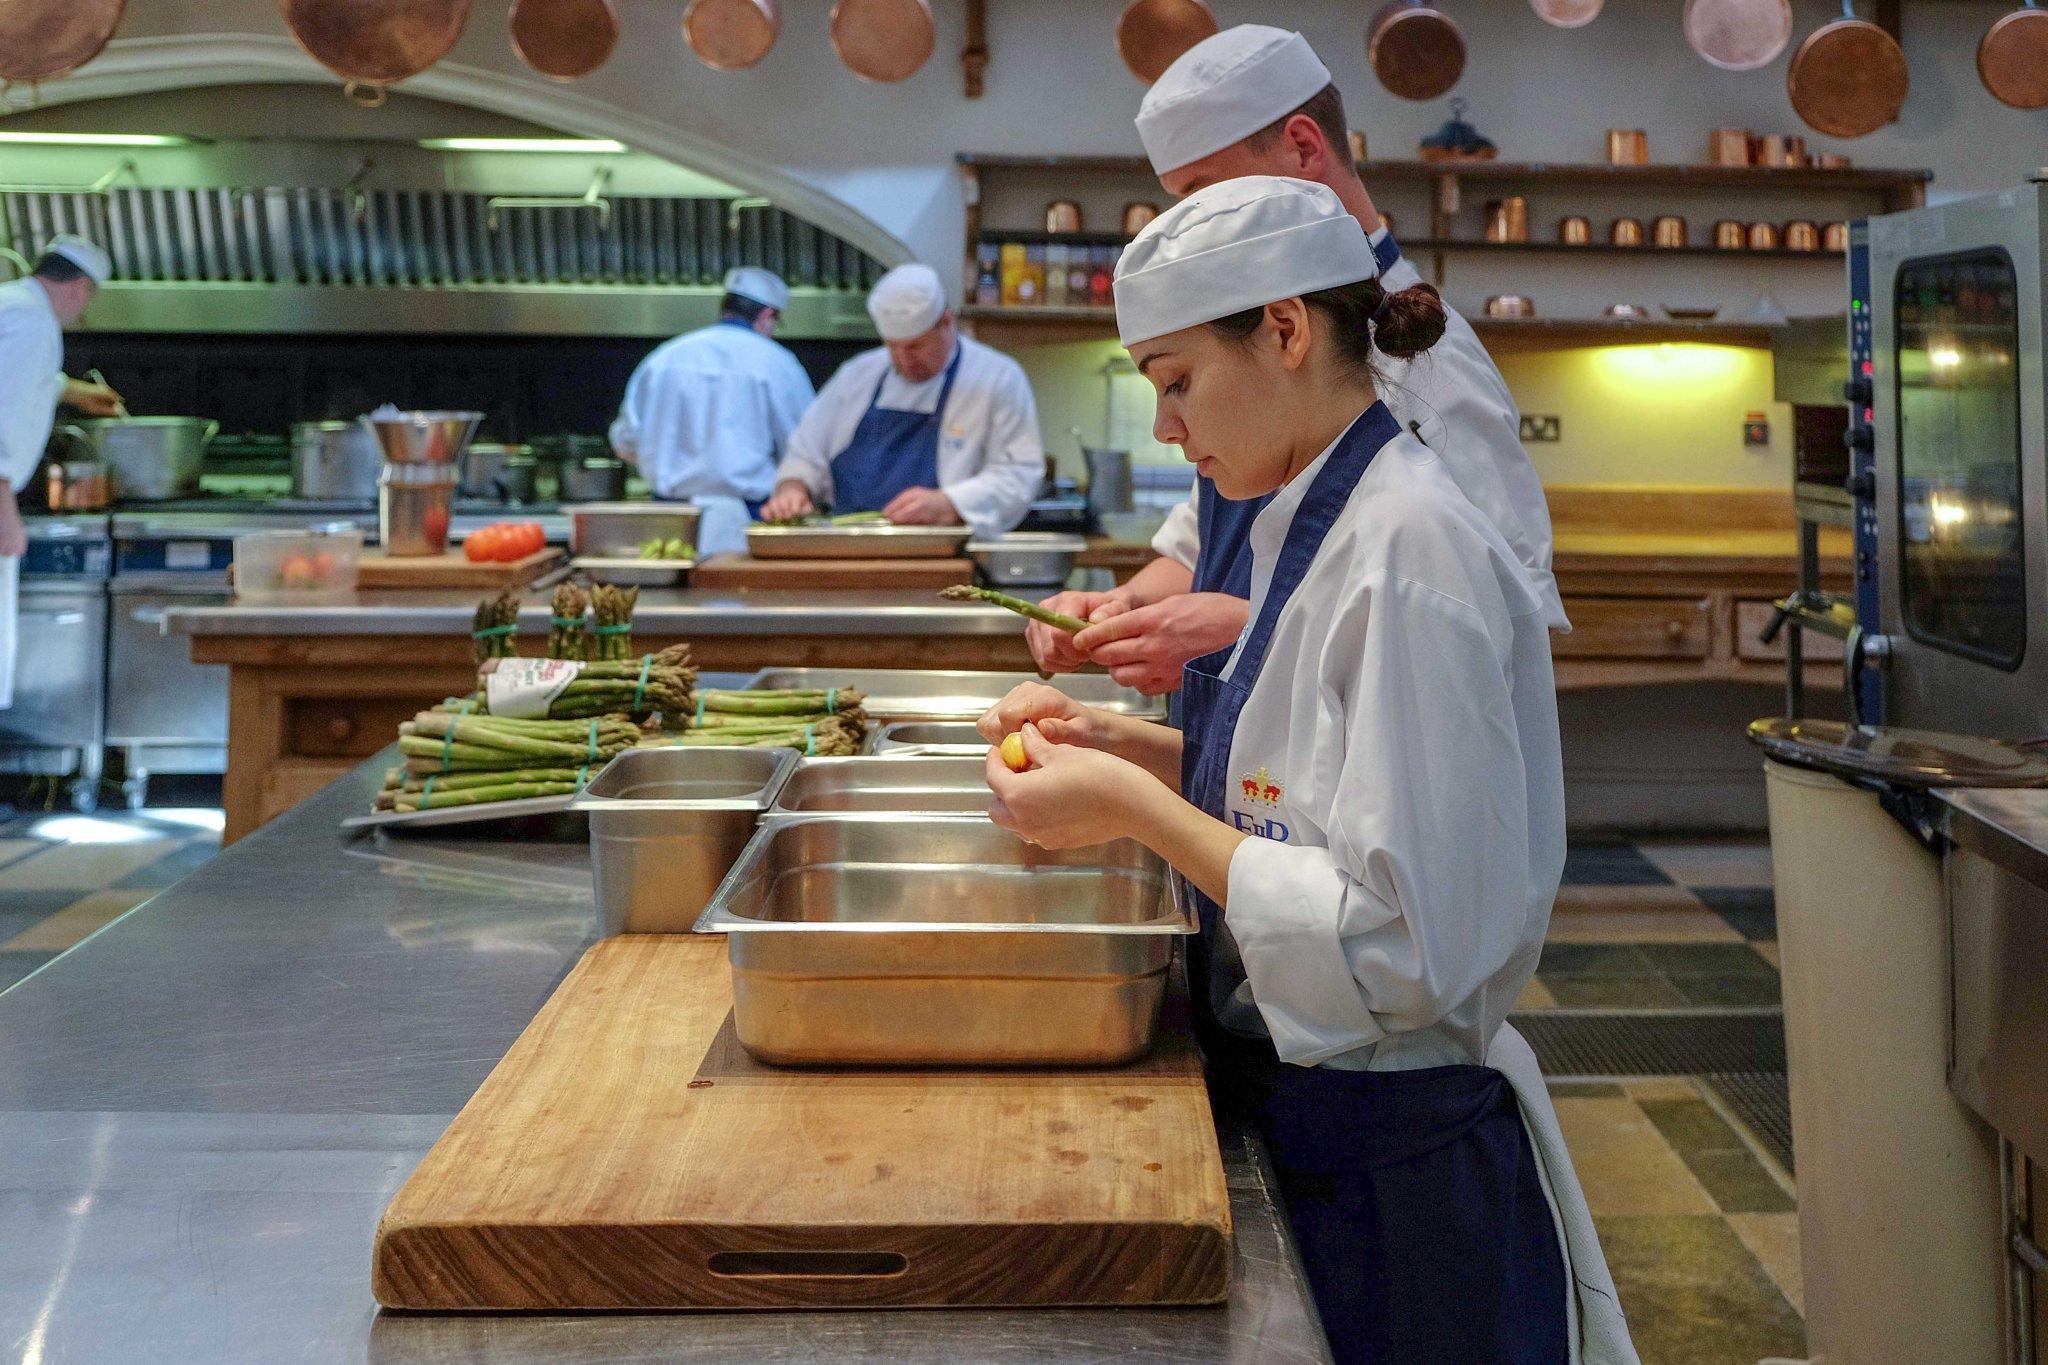 Anche se la lista finale non è stata ufficialmente confermata, i vari piatti comprendono sicuramente asparagi, piselli e pomodori.